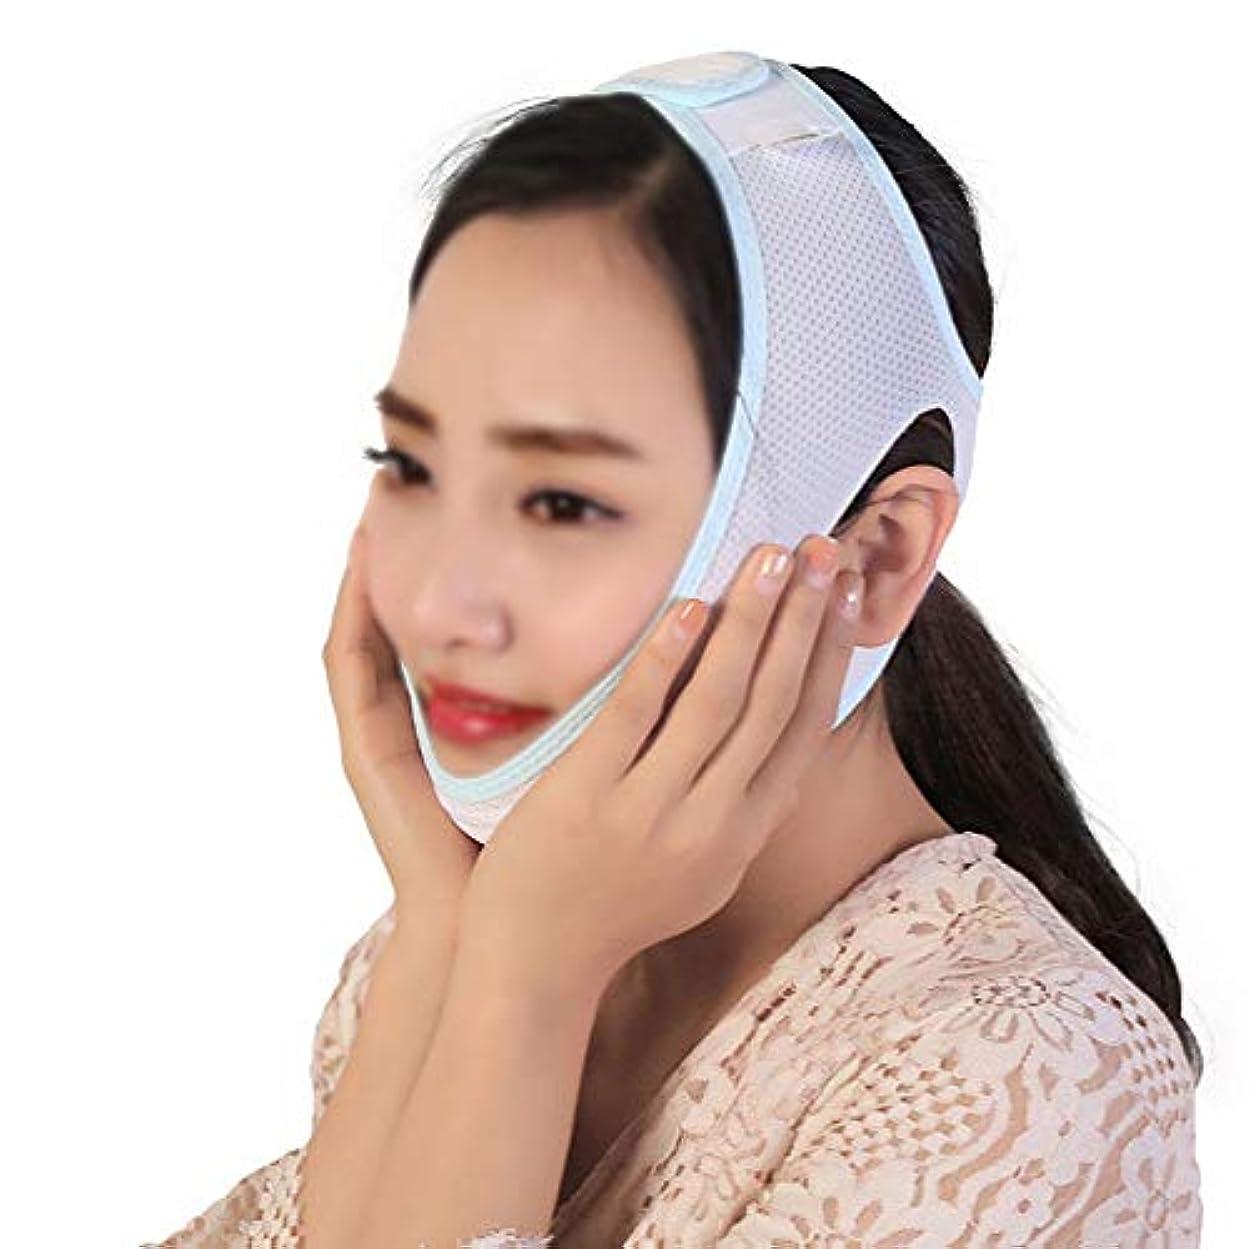 仲間、同僚技術的な差別的TLMY ファーミングマスクスモールVフェイスアーティファクトリフティングサーフェスプラスチックマスクコンフォートアップグレード最適化改善顔面カーブ包括的な通気性包帯 顔用整形マスク (Size : M)